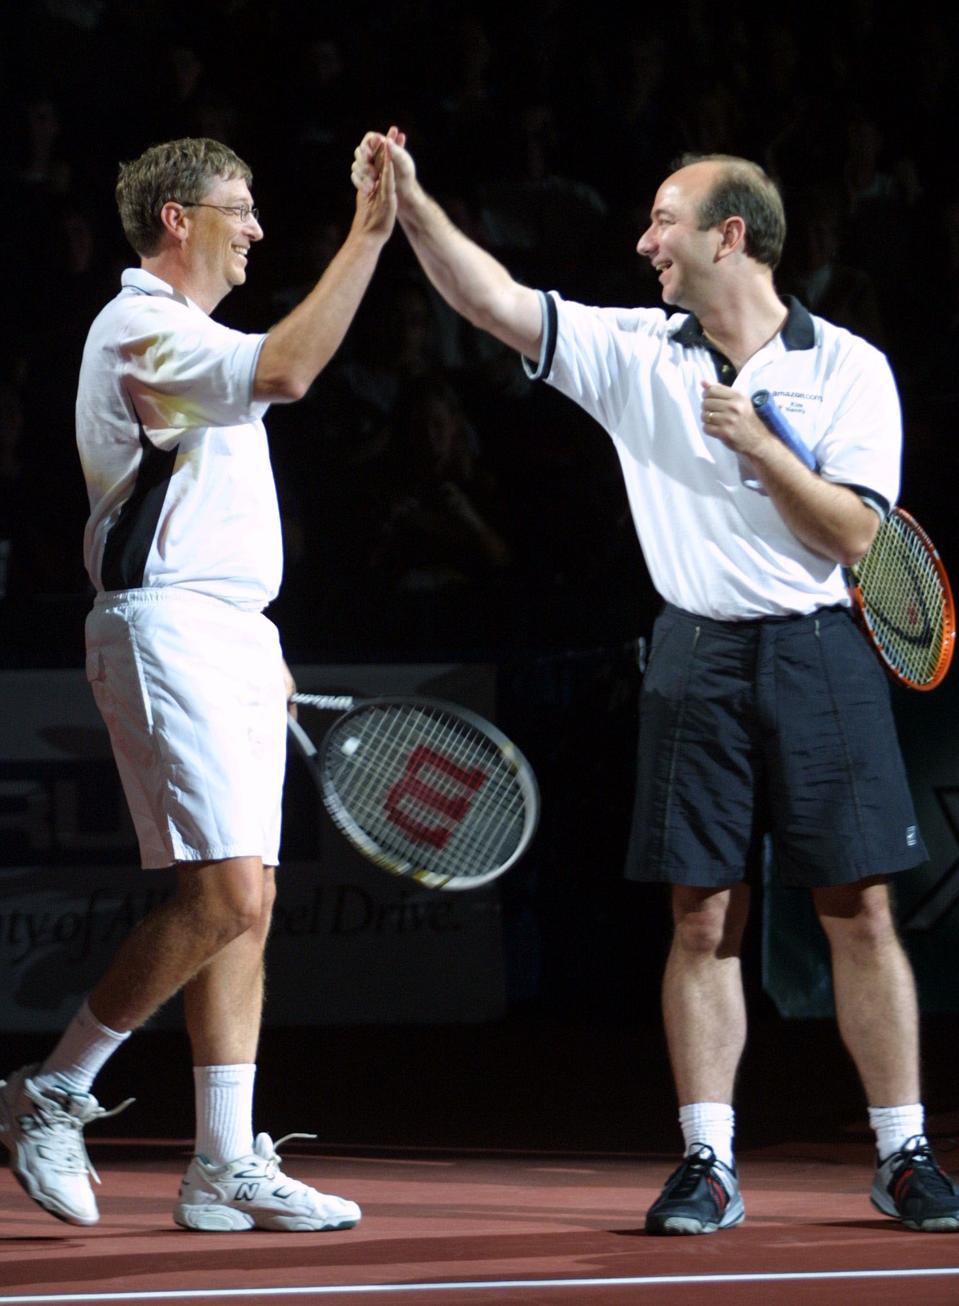 Schick Tennis Challenge X Bezos